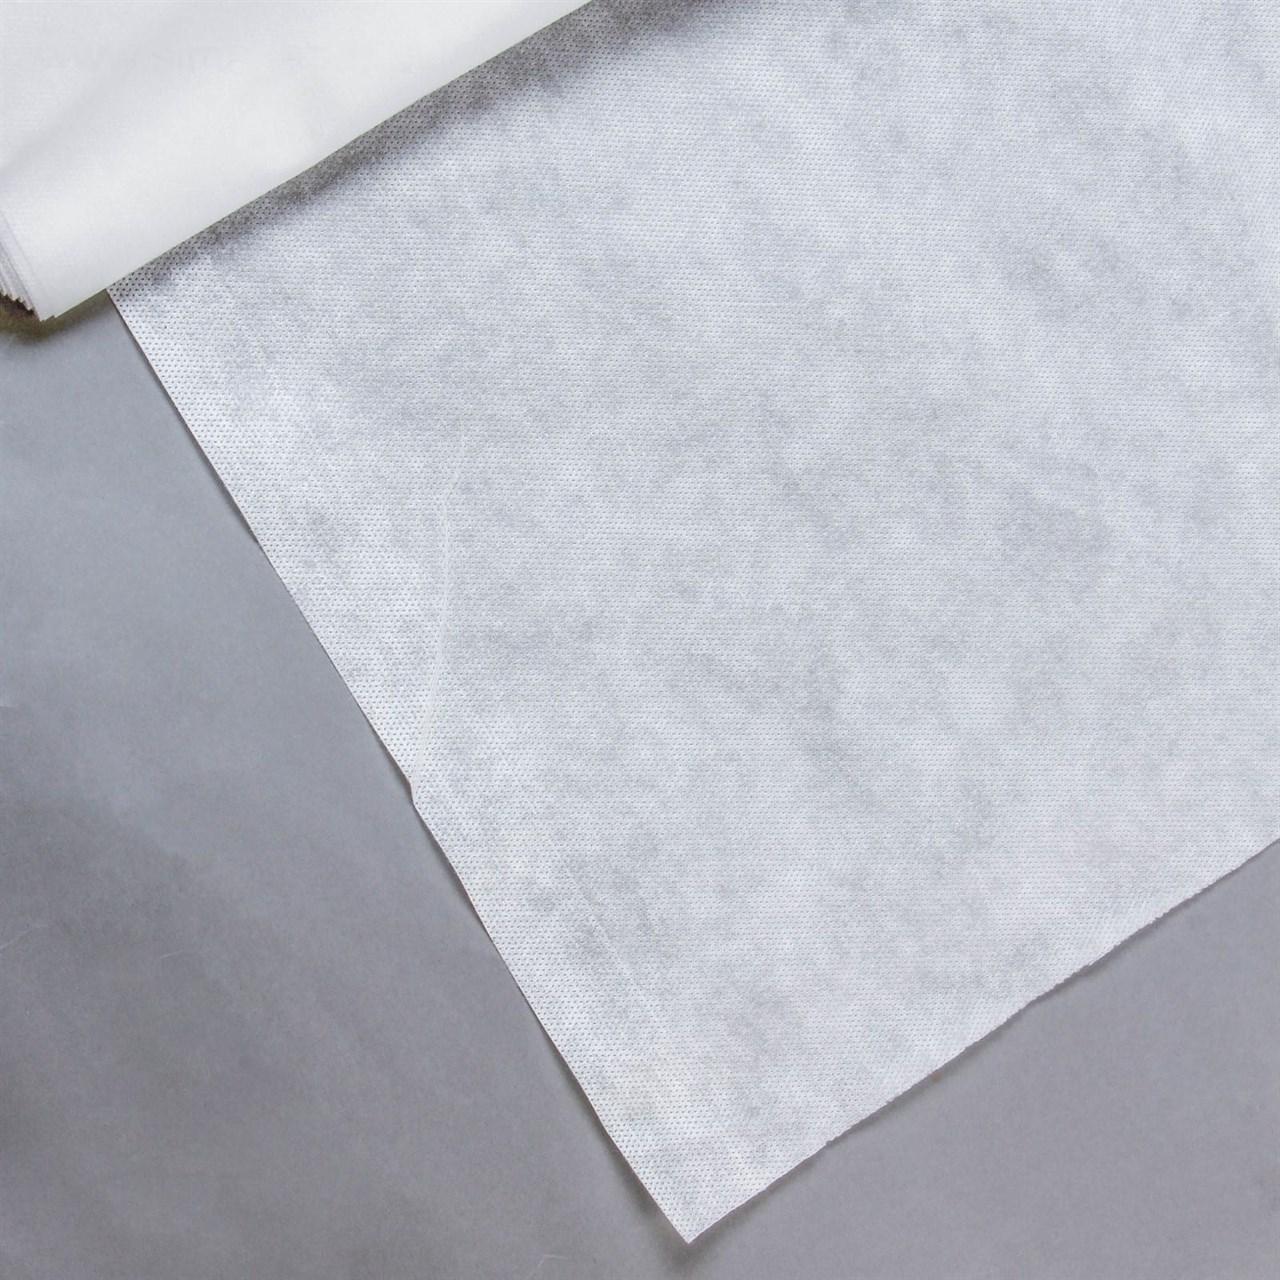 четырехсекционный парник с укрывным материалом ленивый